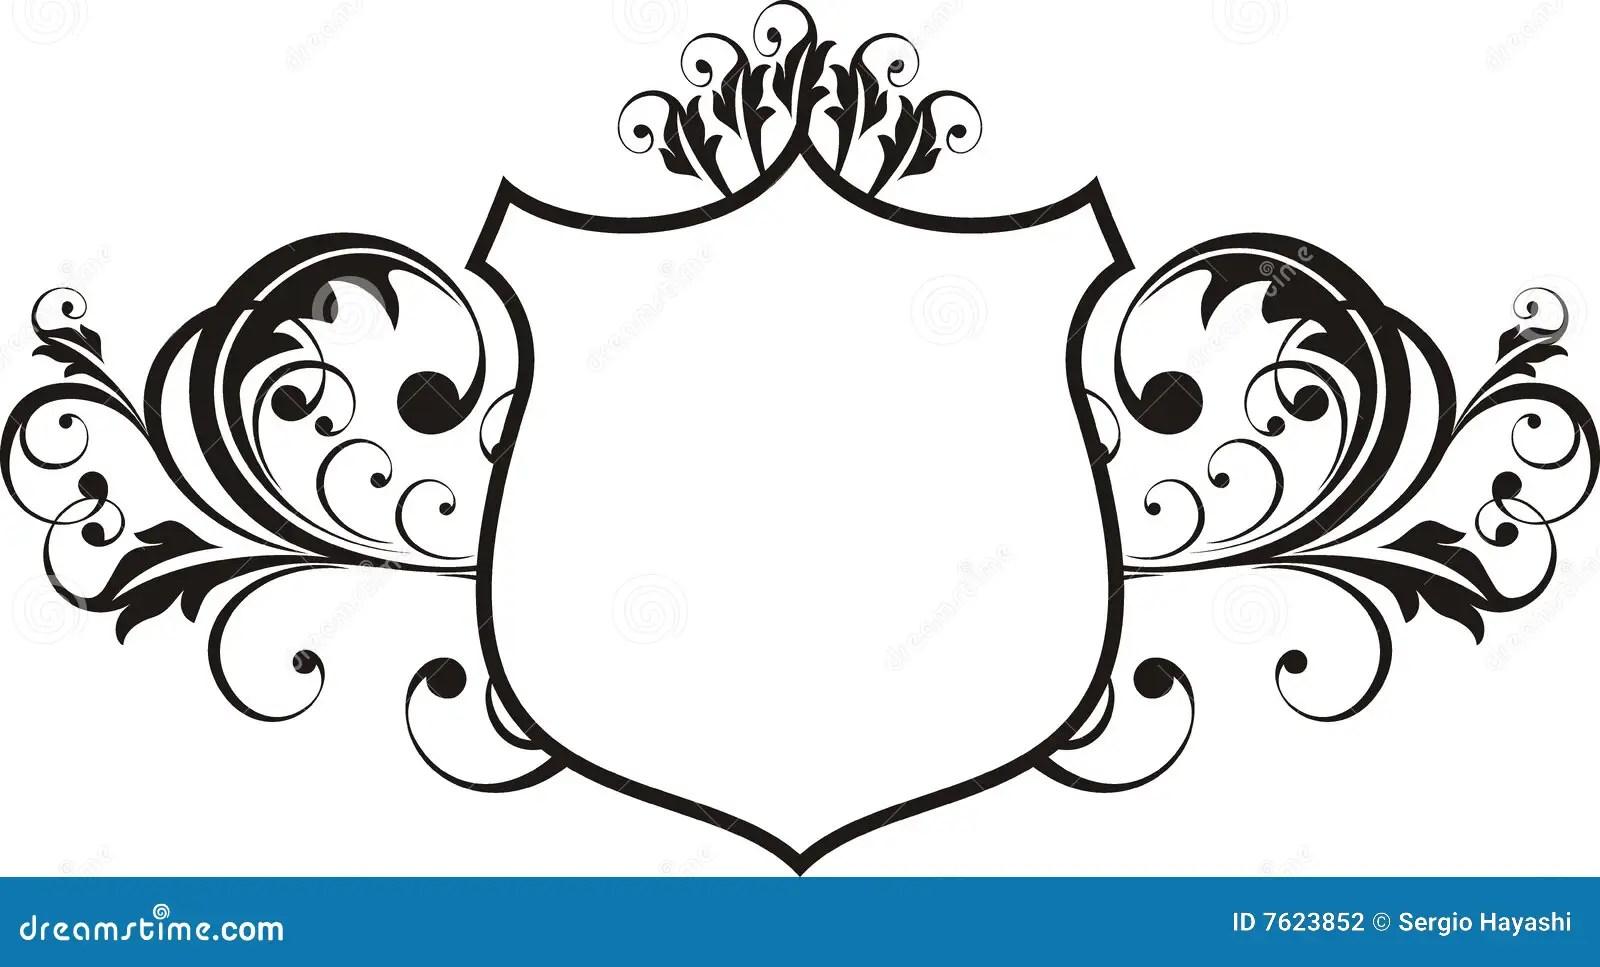 Heraldry Frame Stock Vector Illustration Of Deco Artwork